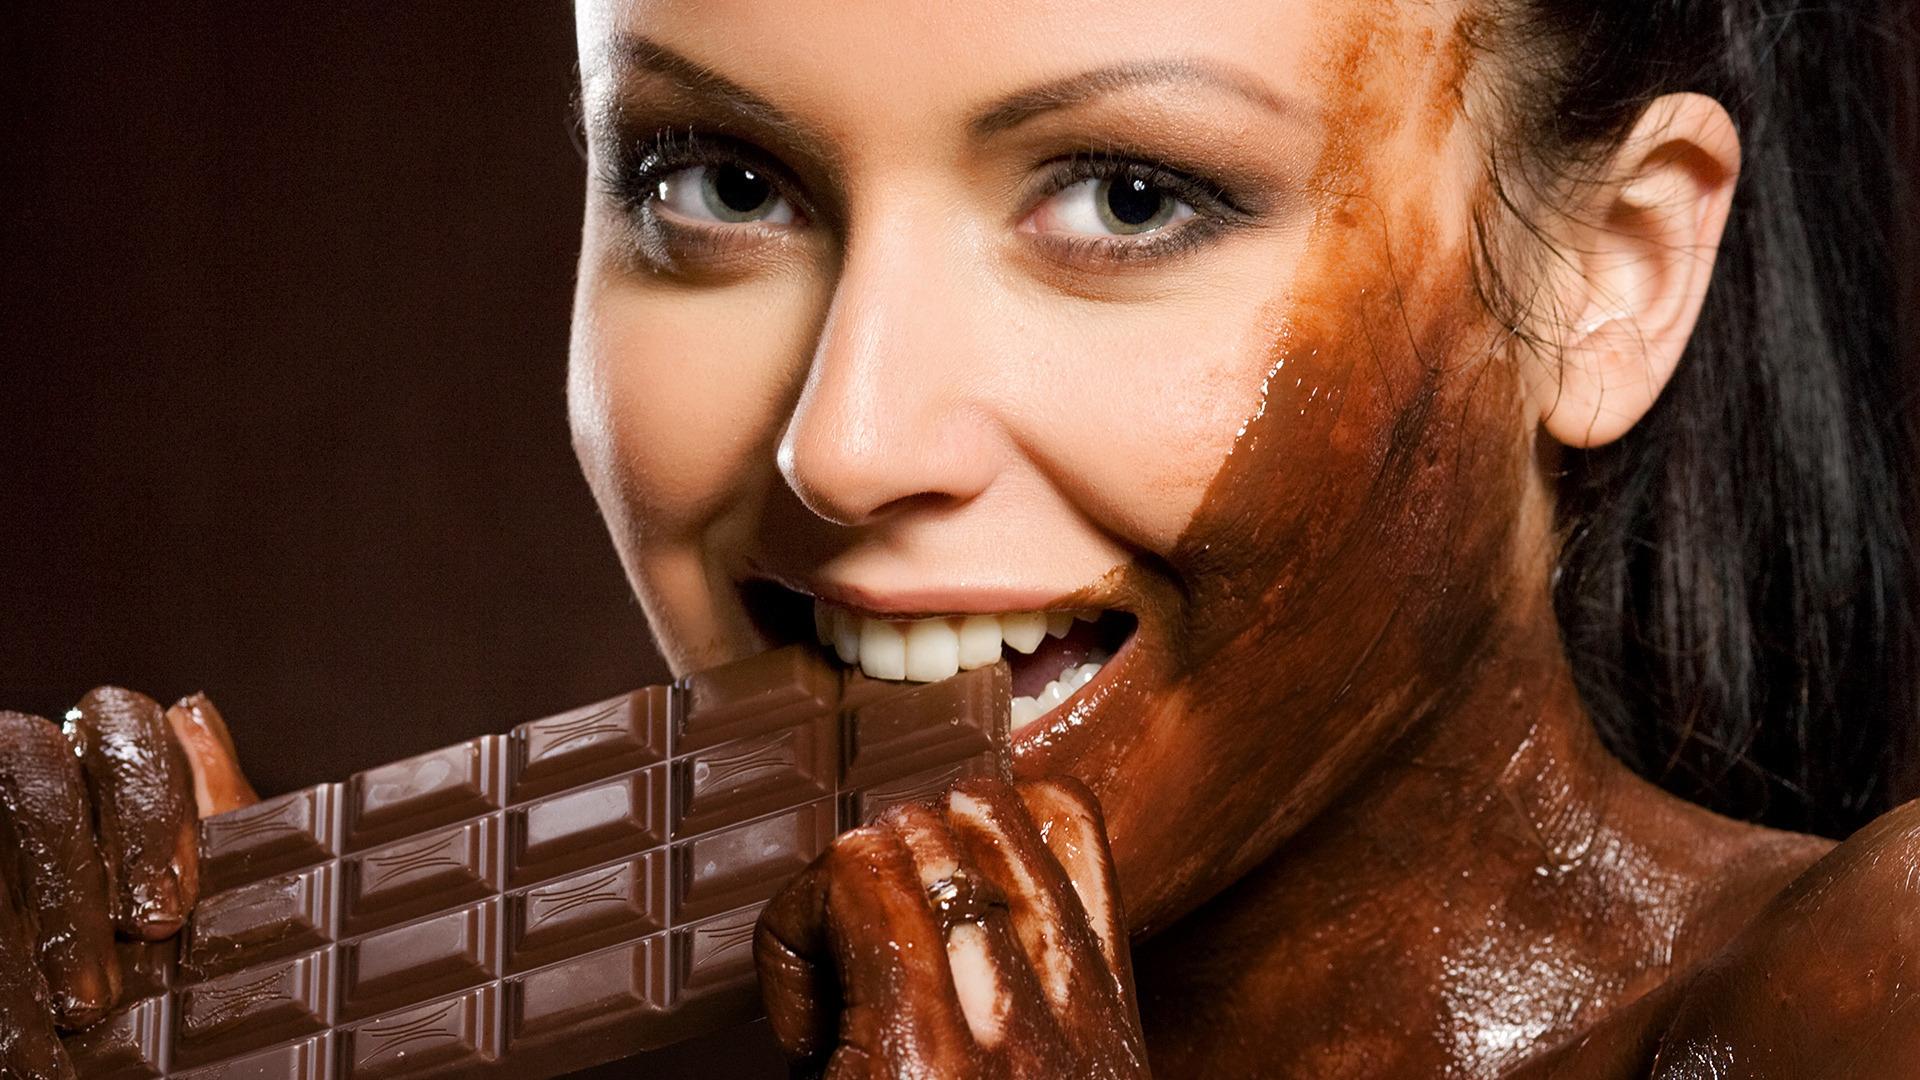 девушка есть шоколад, измазана шоколадом, скачать фото, обои для рабочего стола